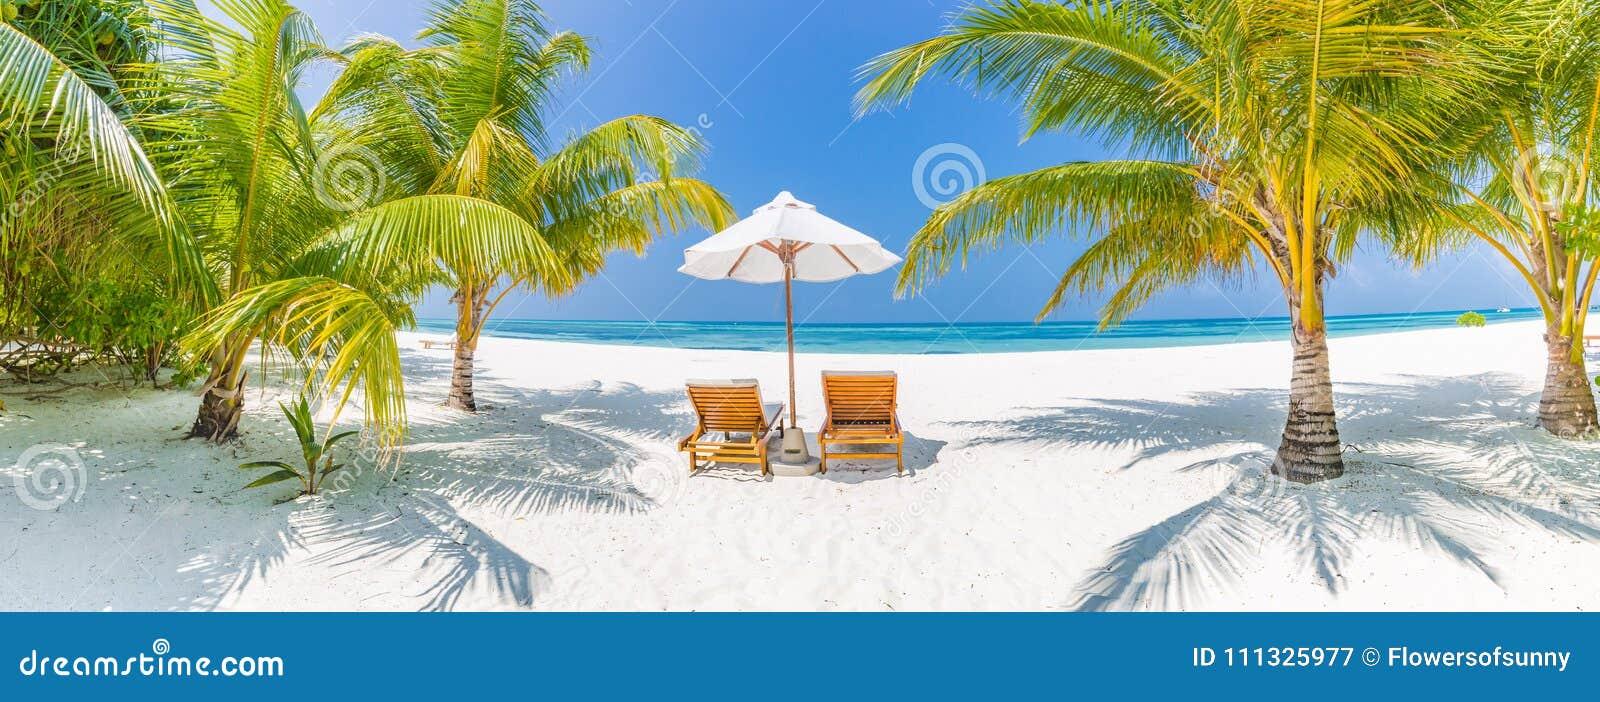 Panorama de fond de destination de voyage d été Scène tropicale de plage